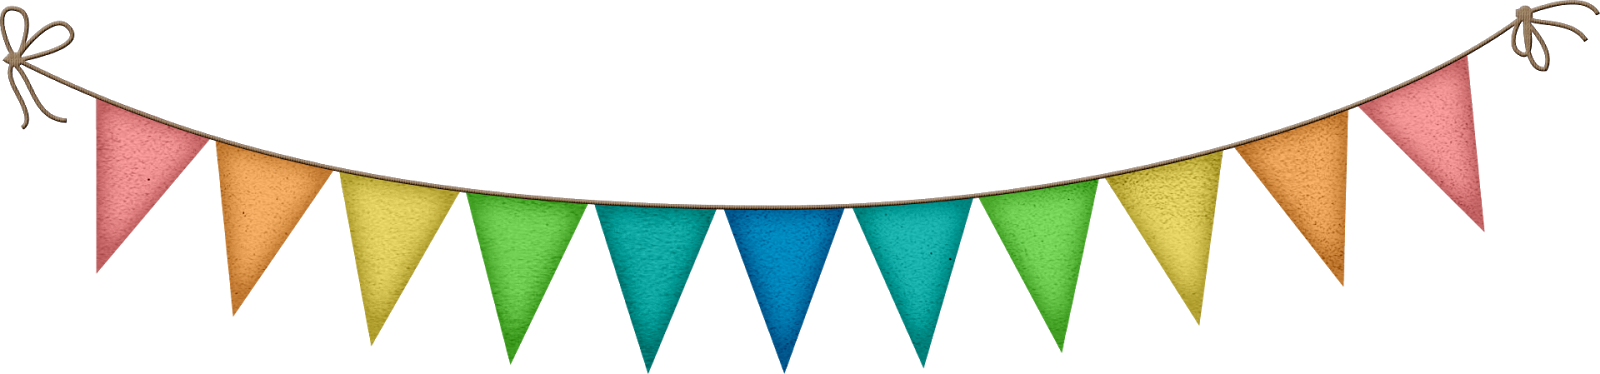 Sunshiny flags | Banderitas de colores, Bandera dibujo, Banderitas decorativas